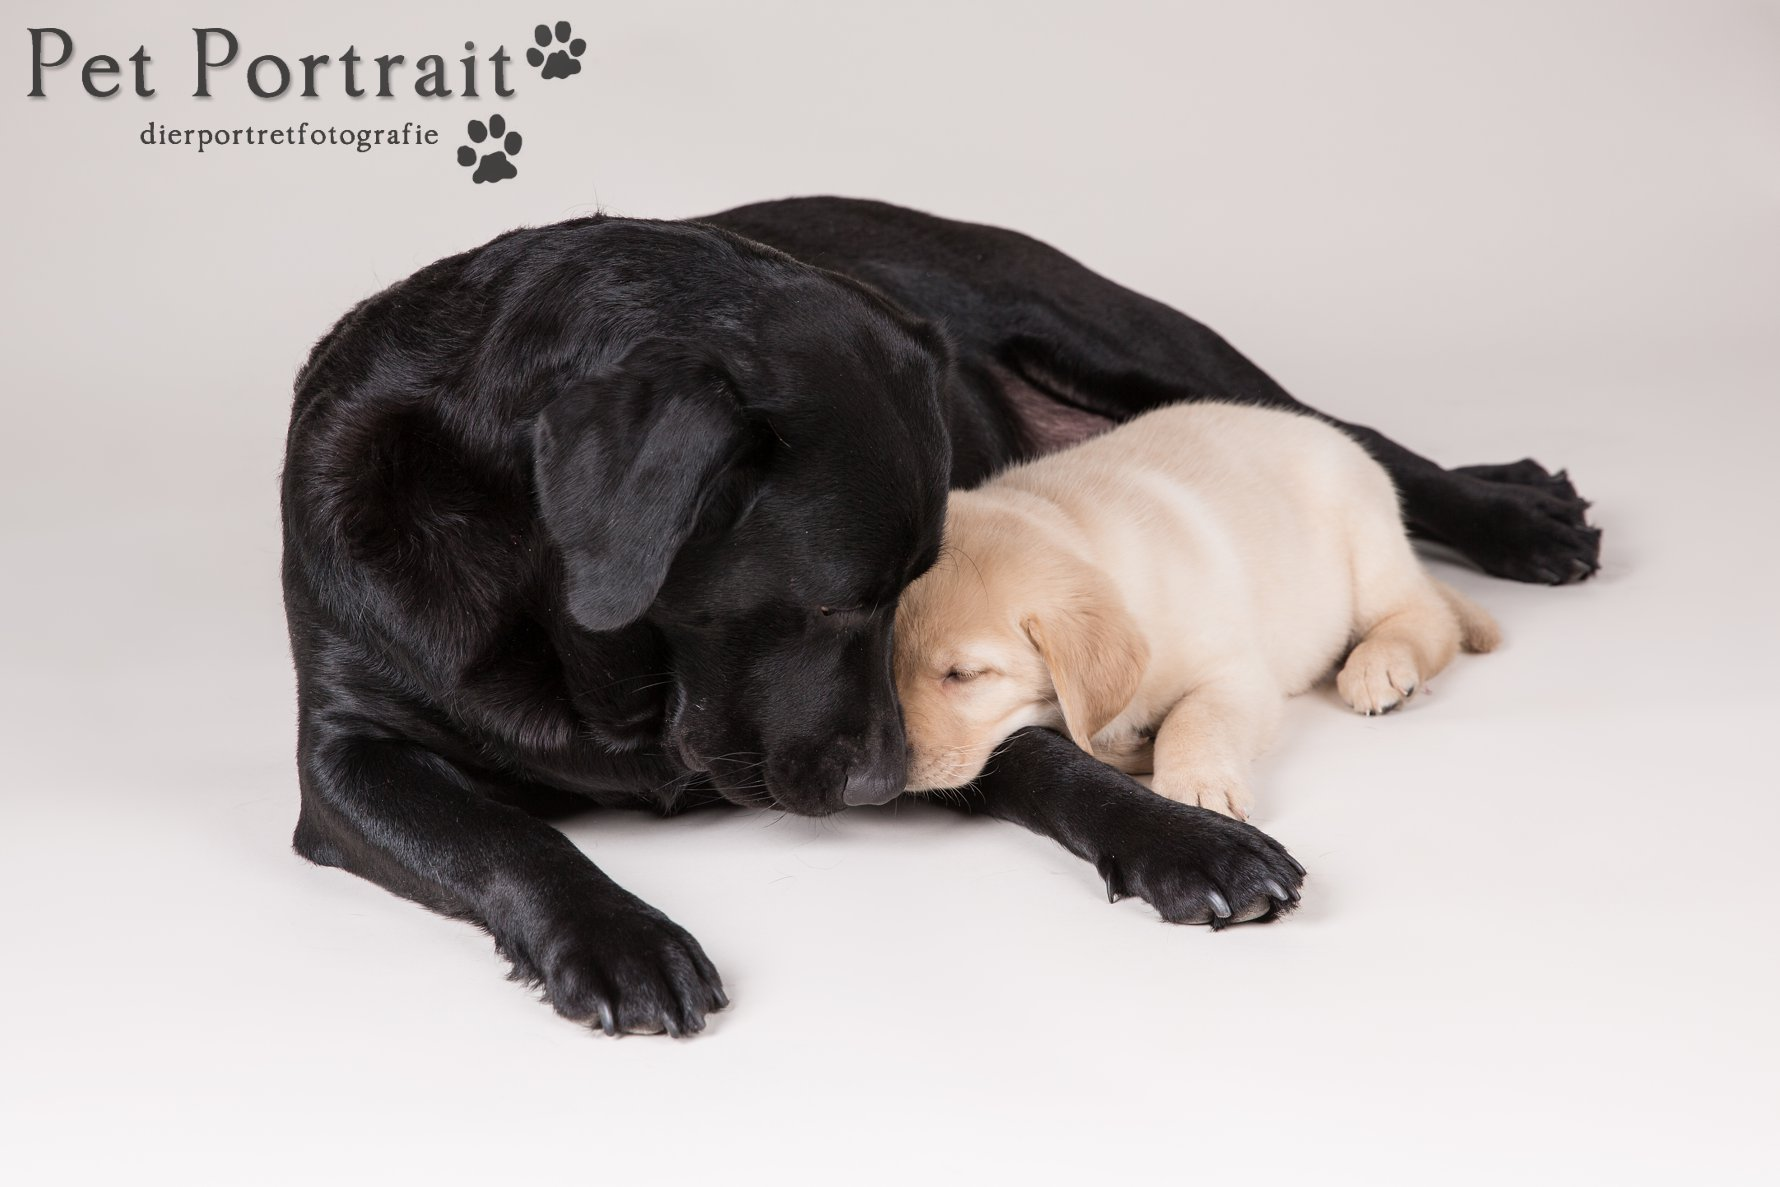 Hondenfotograaf Hillegom - Nestfotoshoot Labrador retriever pups geel en zwart-1